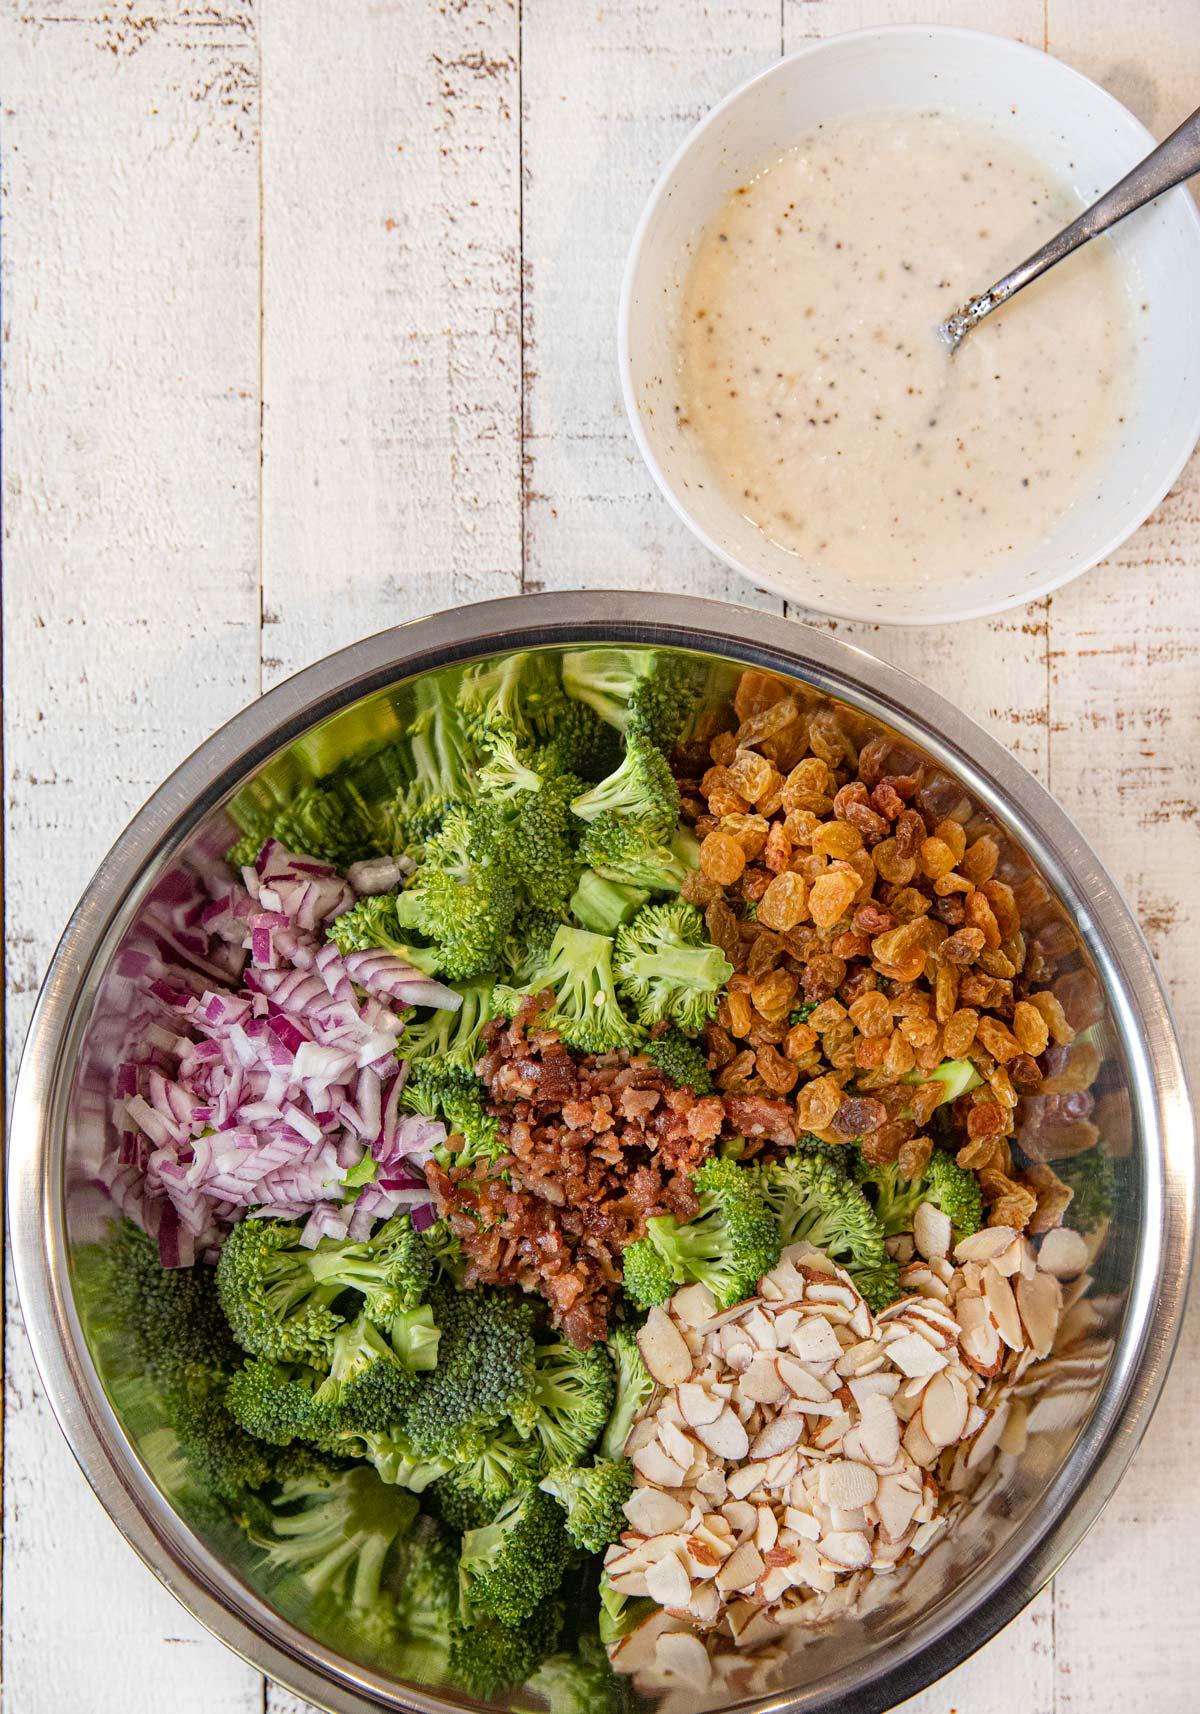 Healthy Broccoli Salad Ingredients